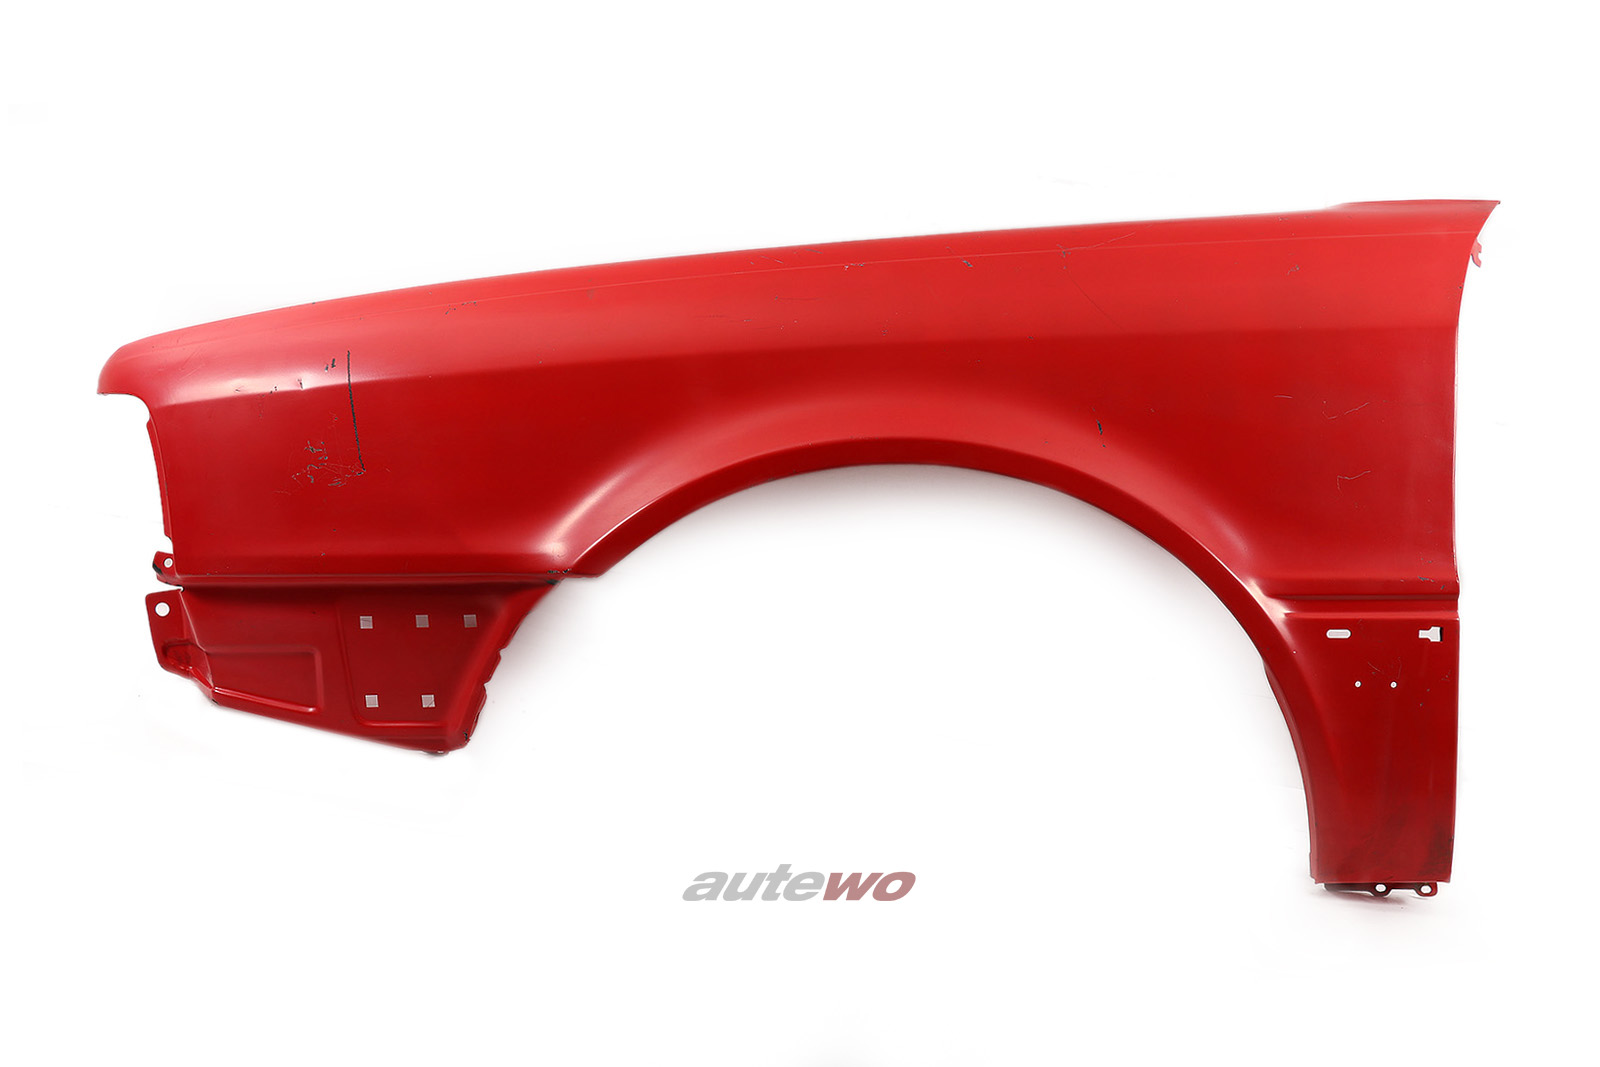 Kotflügel Vorne Links rot für Audi 80 B4 entspricht 8A0821105